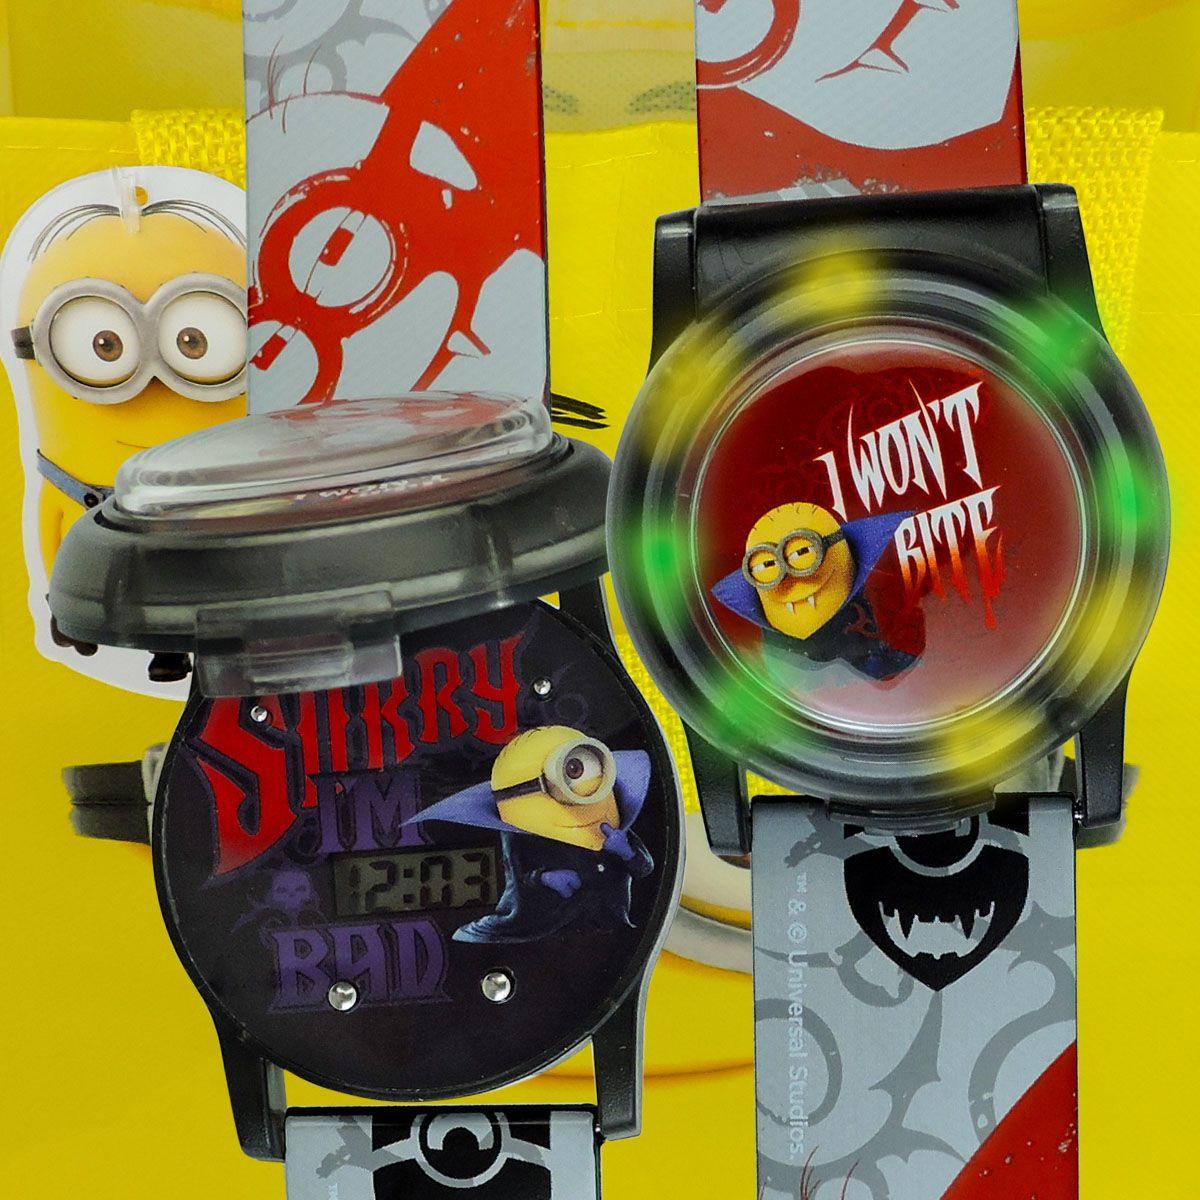 Relógio Digital De Pulso Minions Com Luz + Chaveiro + Sacola